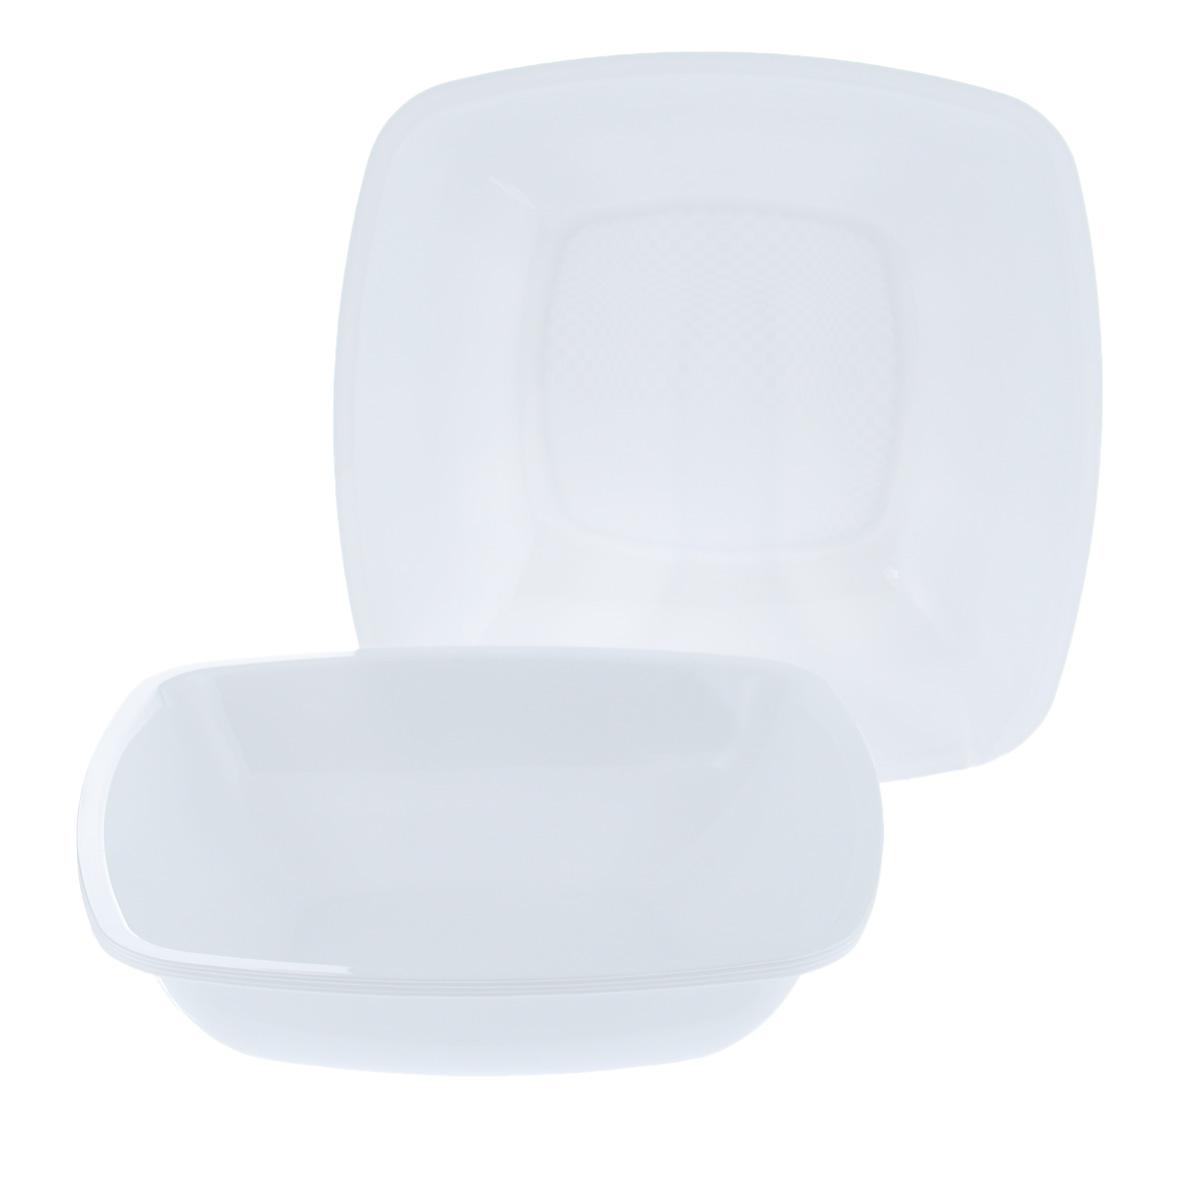 Набор одноразовых глубоких тарелок Buffet, цвет: белый, 18 см х 18 см, 6 шт2801Набор Buffet состоит из 6 глубоких тарелок, выполненных из полипропиленаи предназначенных для одноразового использования. Тарелки подойдут для различных пищевых продуктов. Одноразовые тарелки будут незаменимы при поездках на природу, пикниках и других мероприятиях. Они не займут много места, легки и самое главное - после использования их не надо мыть.Размер тарелки: 18 см х 18 см.Высота тарелки: 4,5 см.